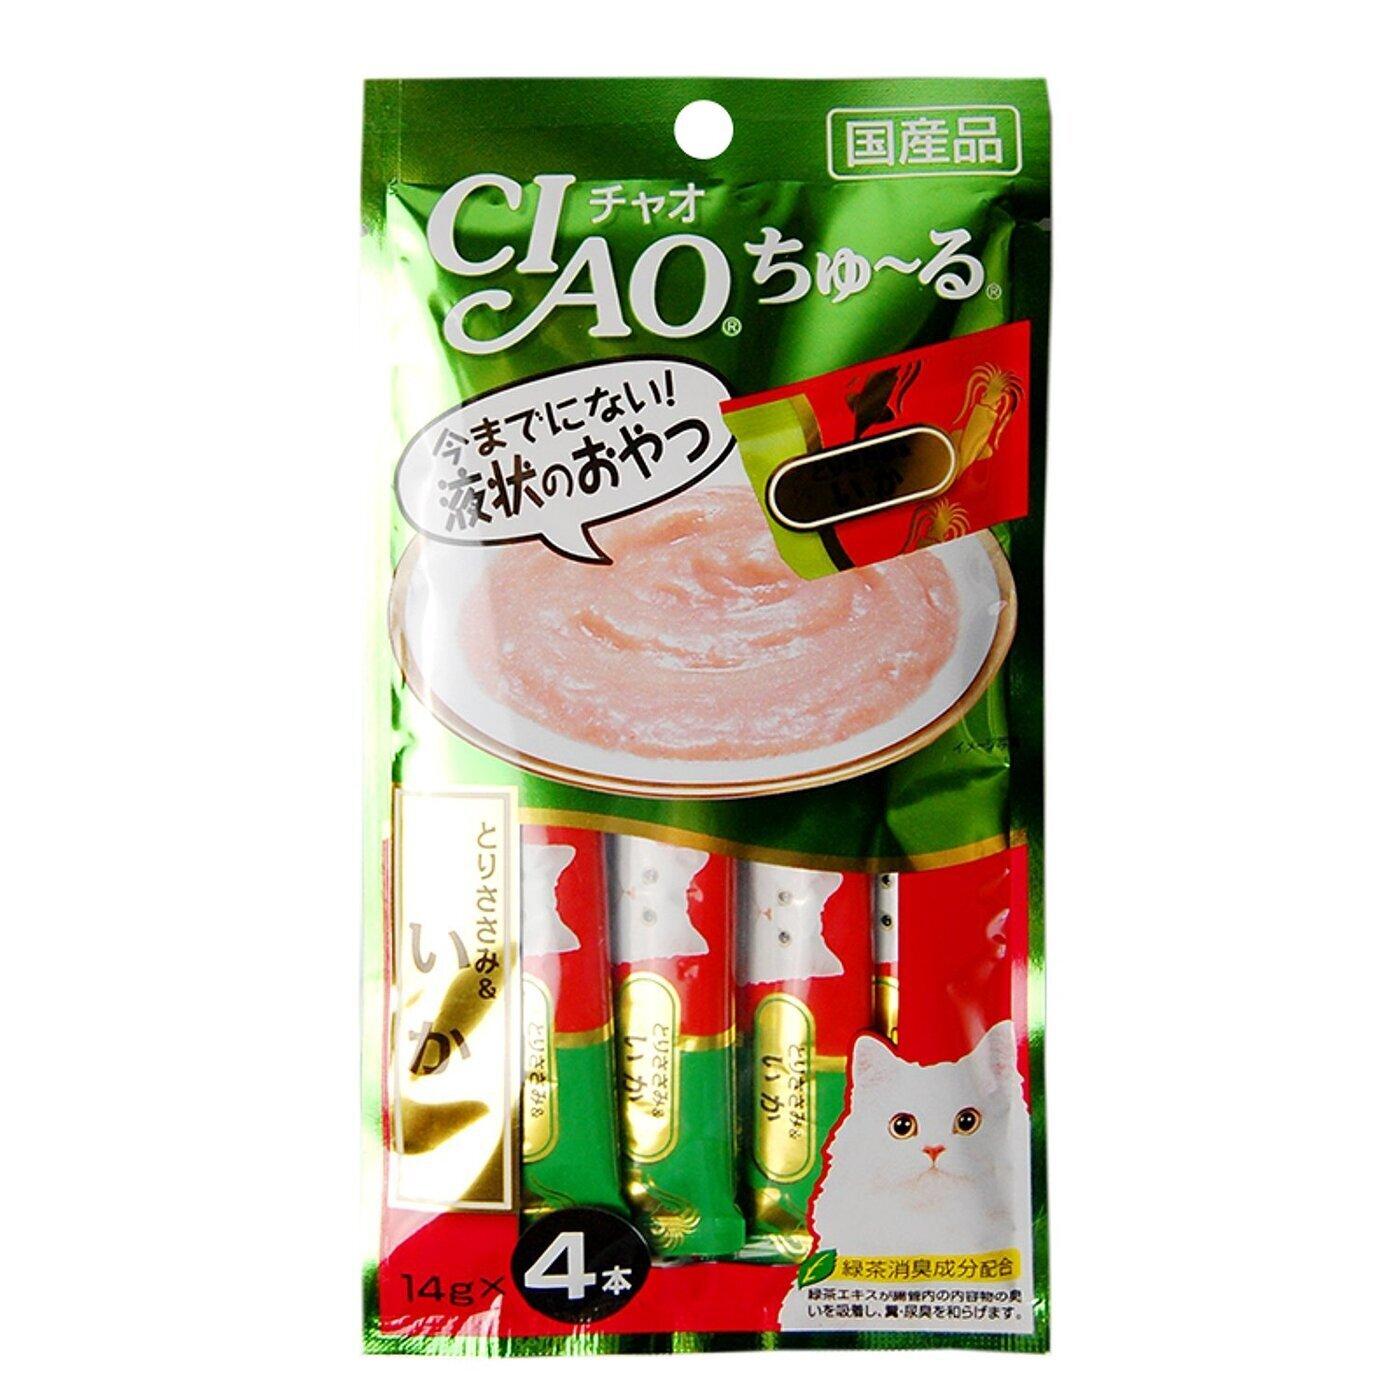 CIAO лакомство для кошек, кальмар и парное филе 56 гр